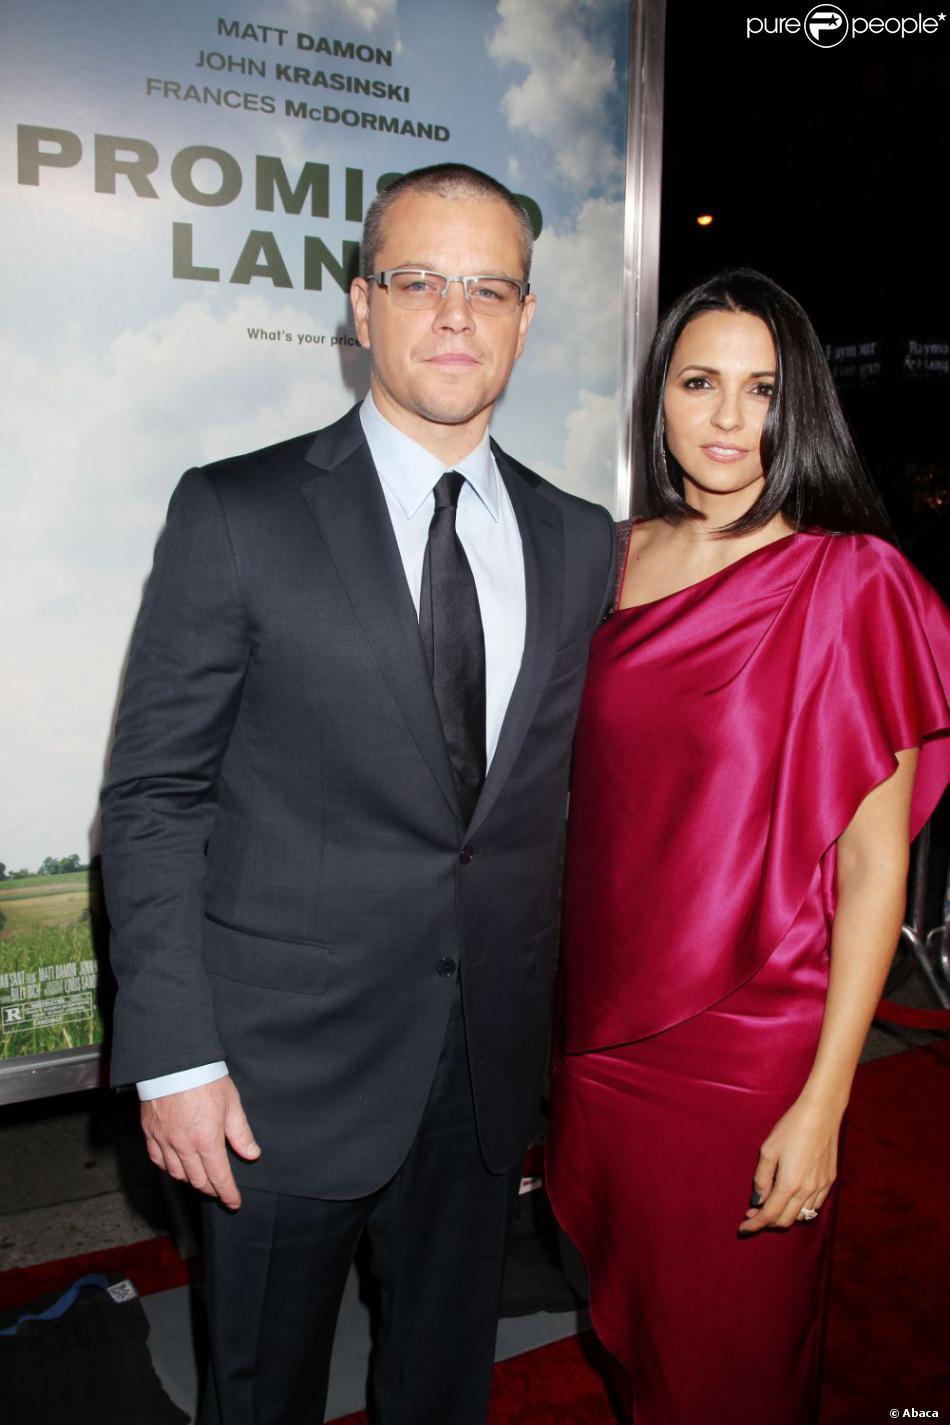 Matt Damon et sa femme Luciana Barroso lors de la première de Promised Land àNew York le 4 décembre 2012.